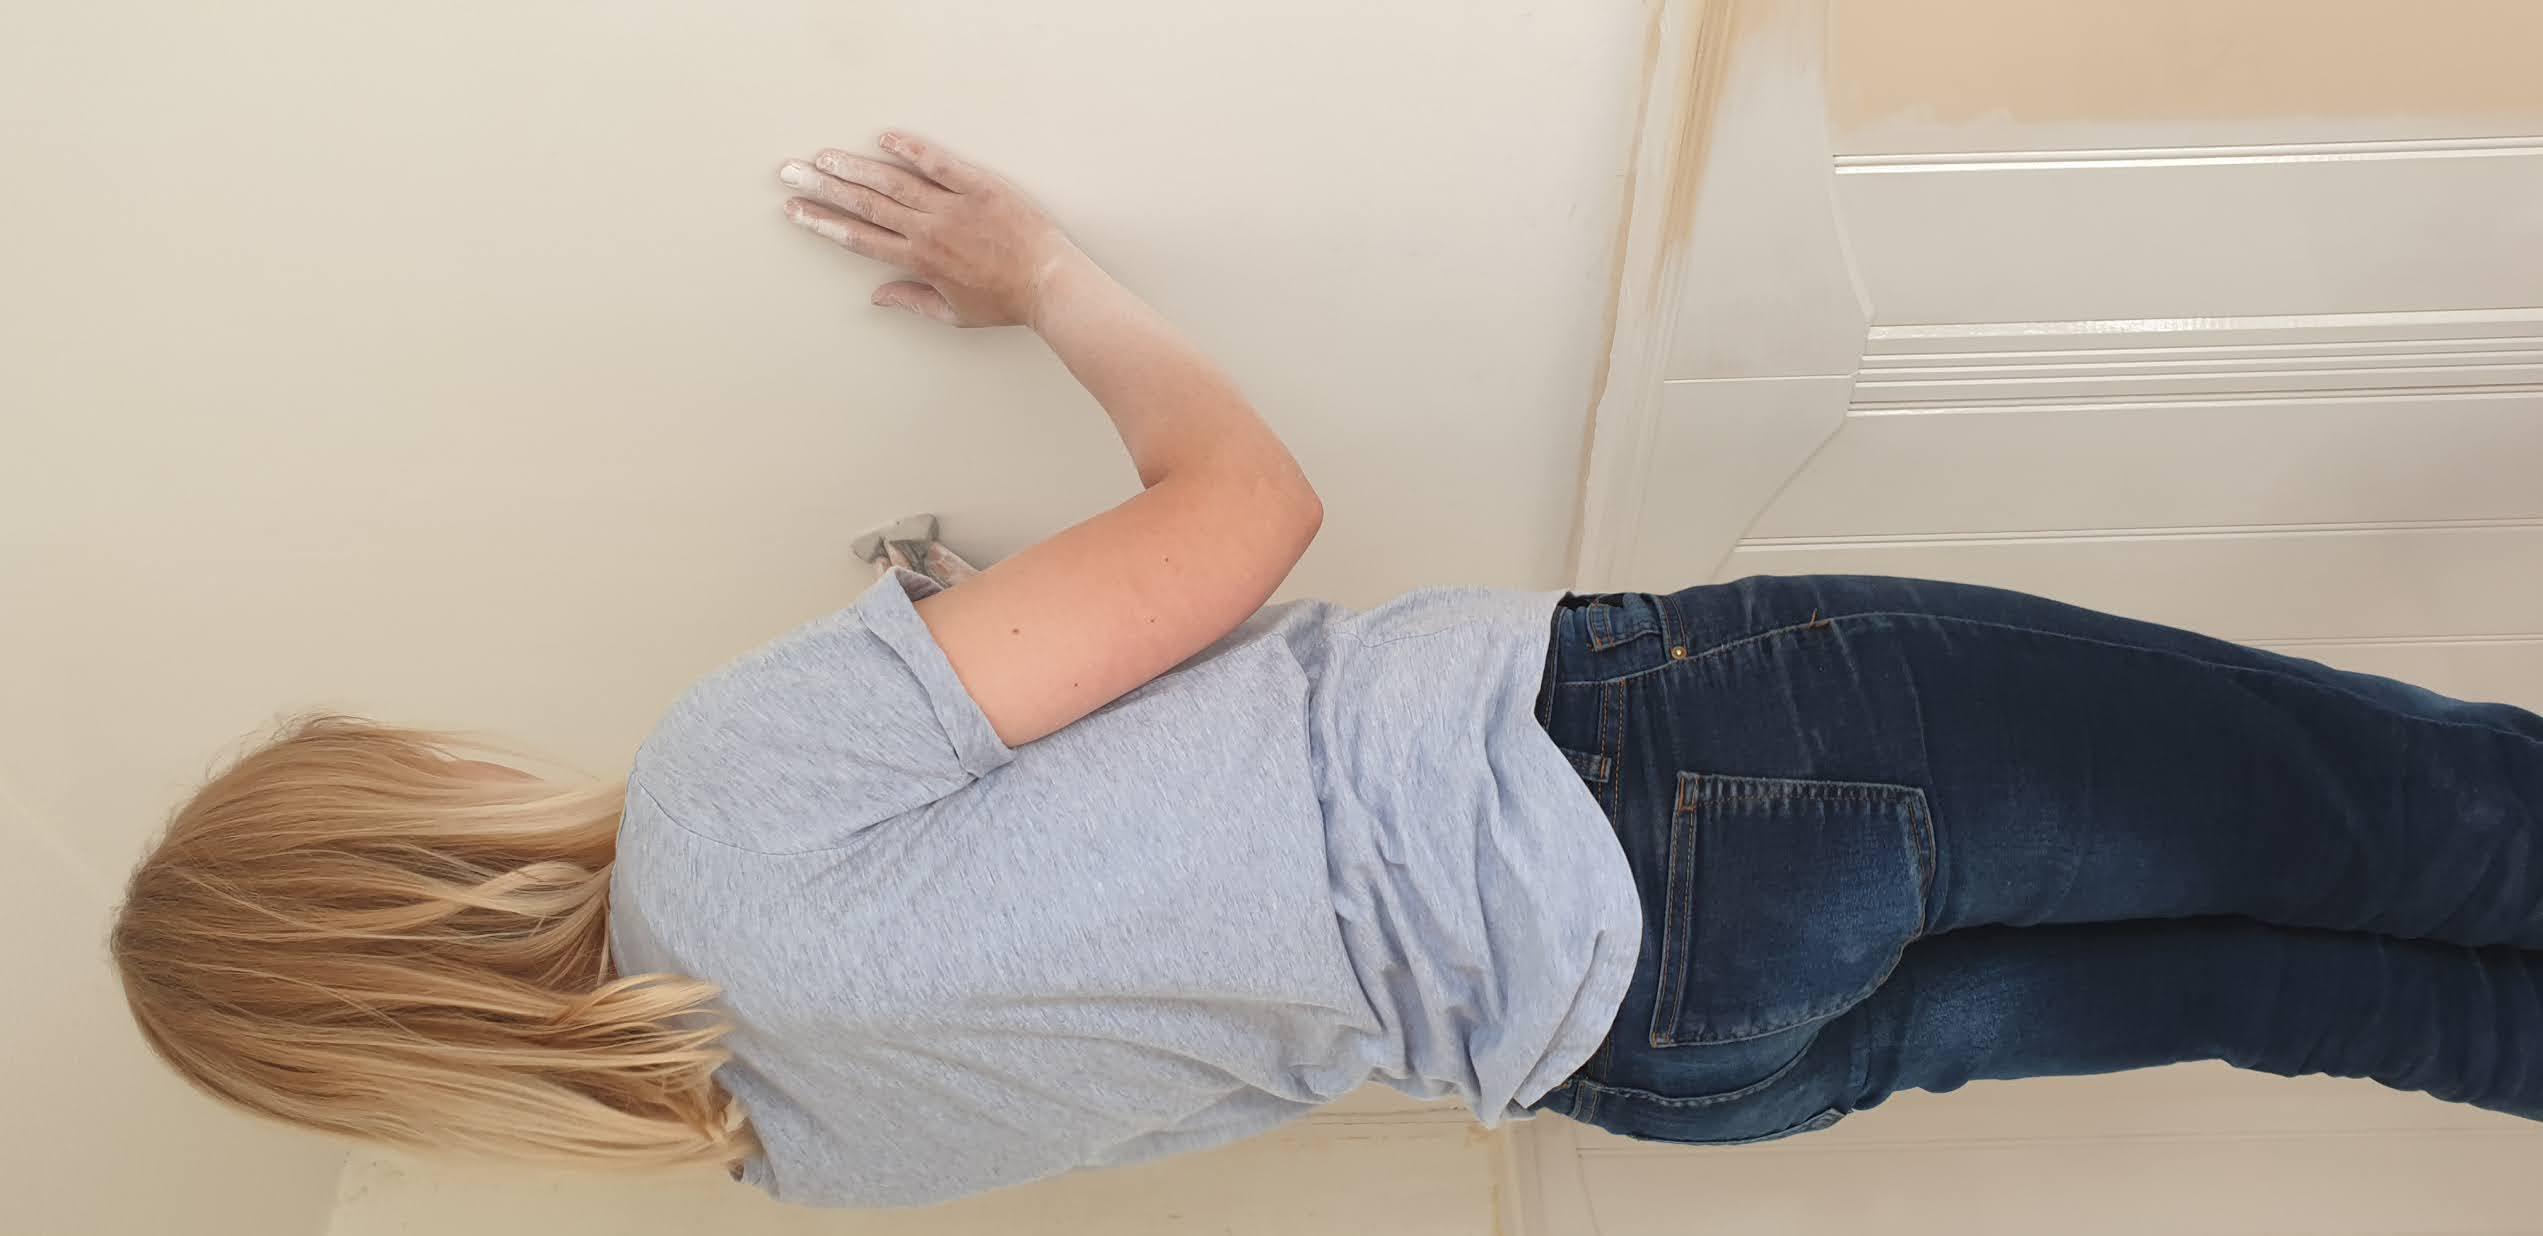 Wygładzanie ściany w domu